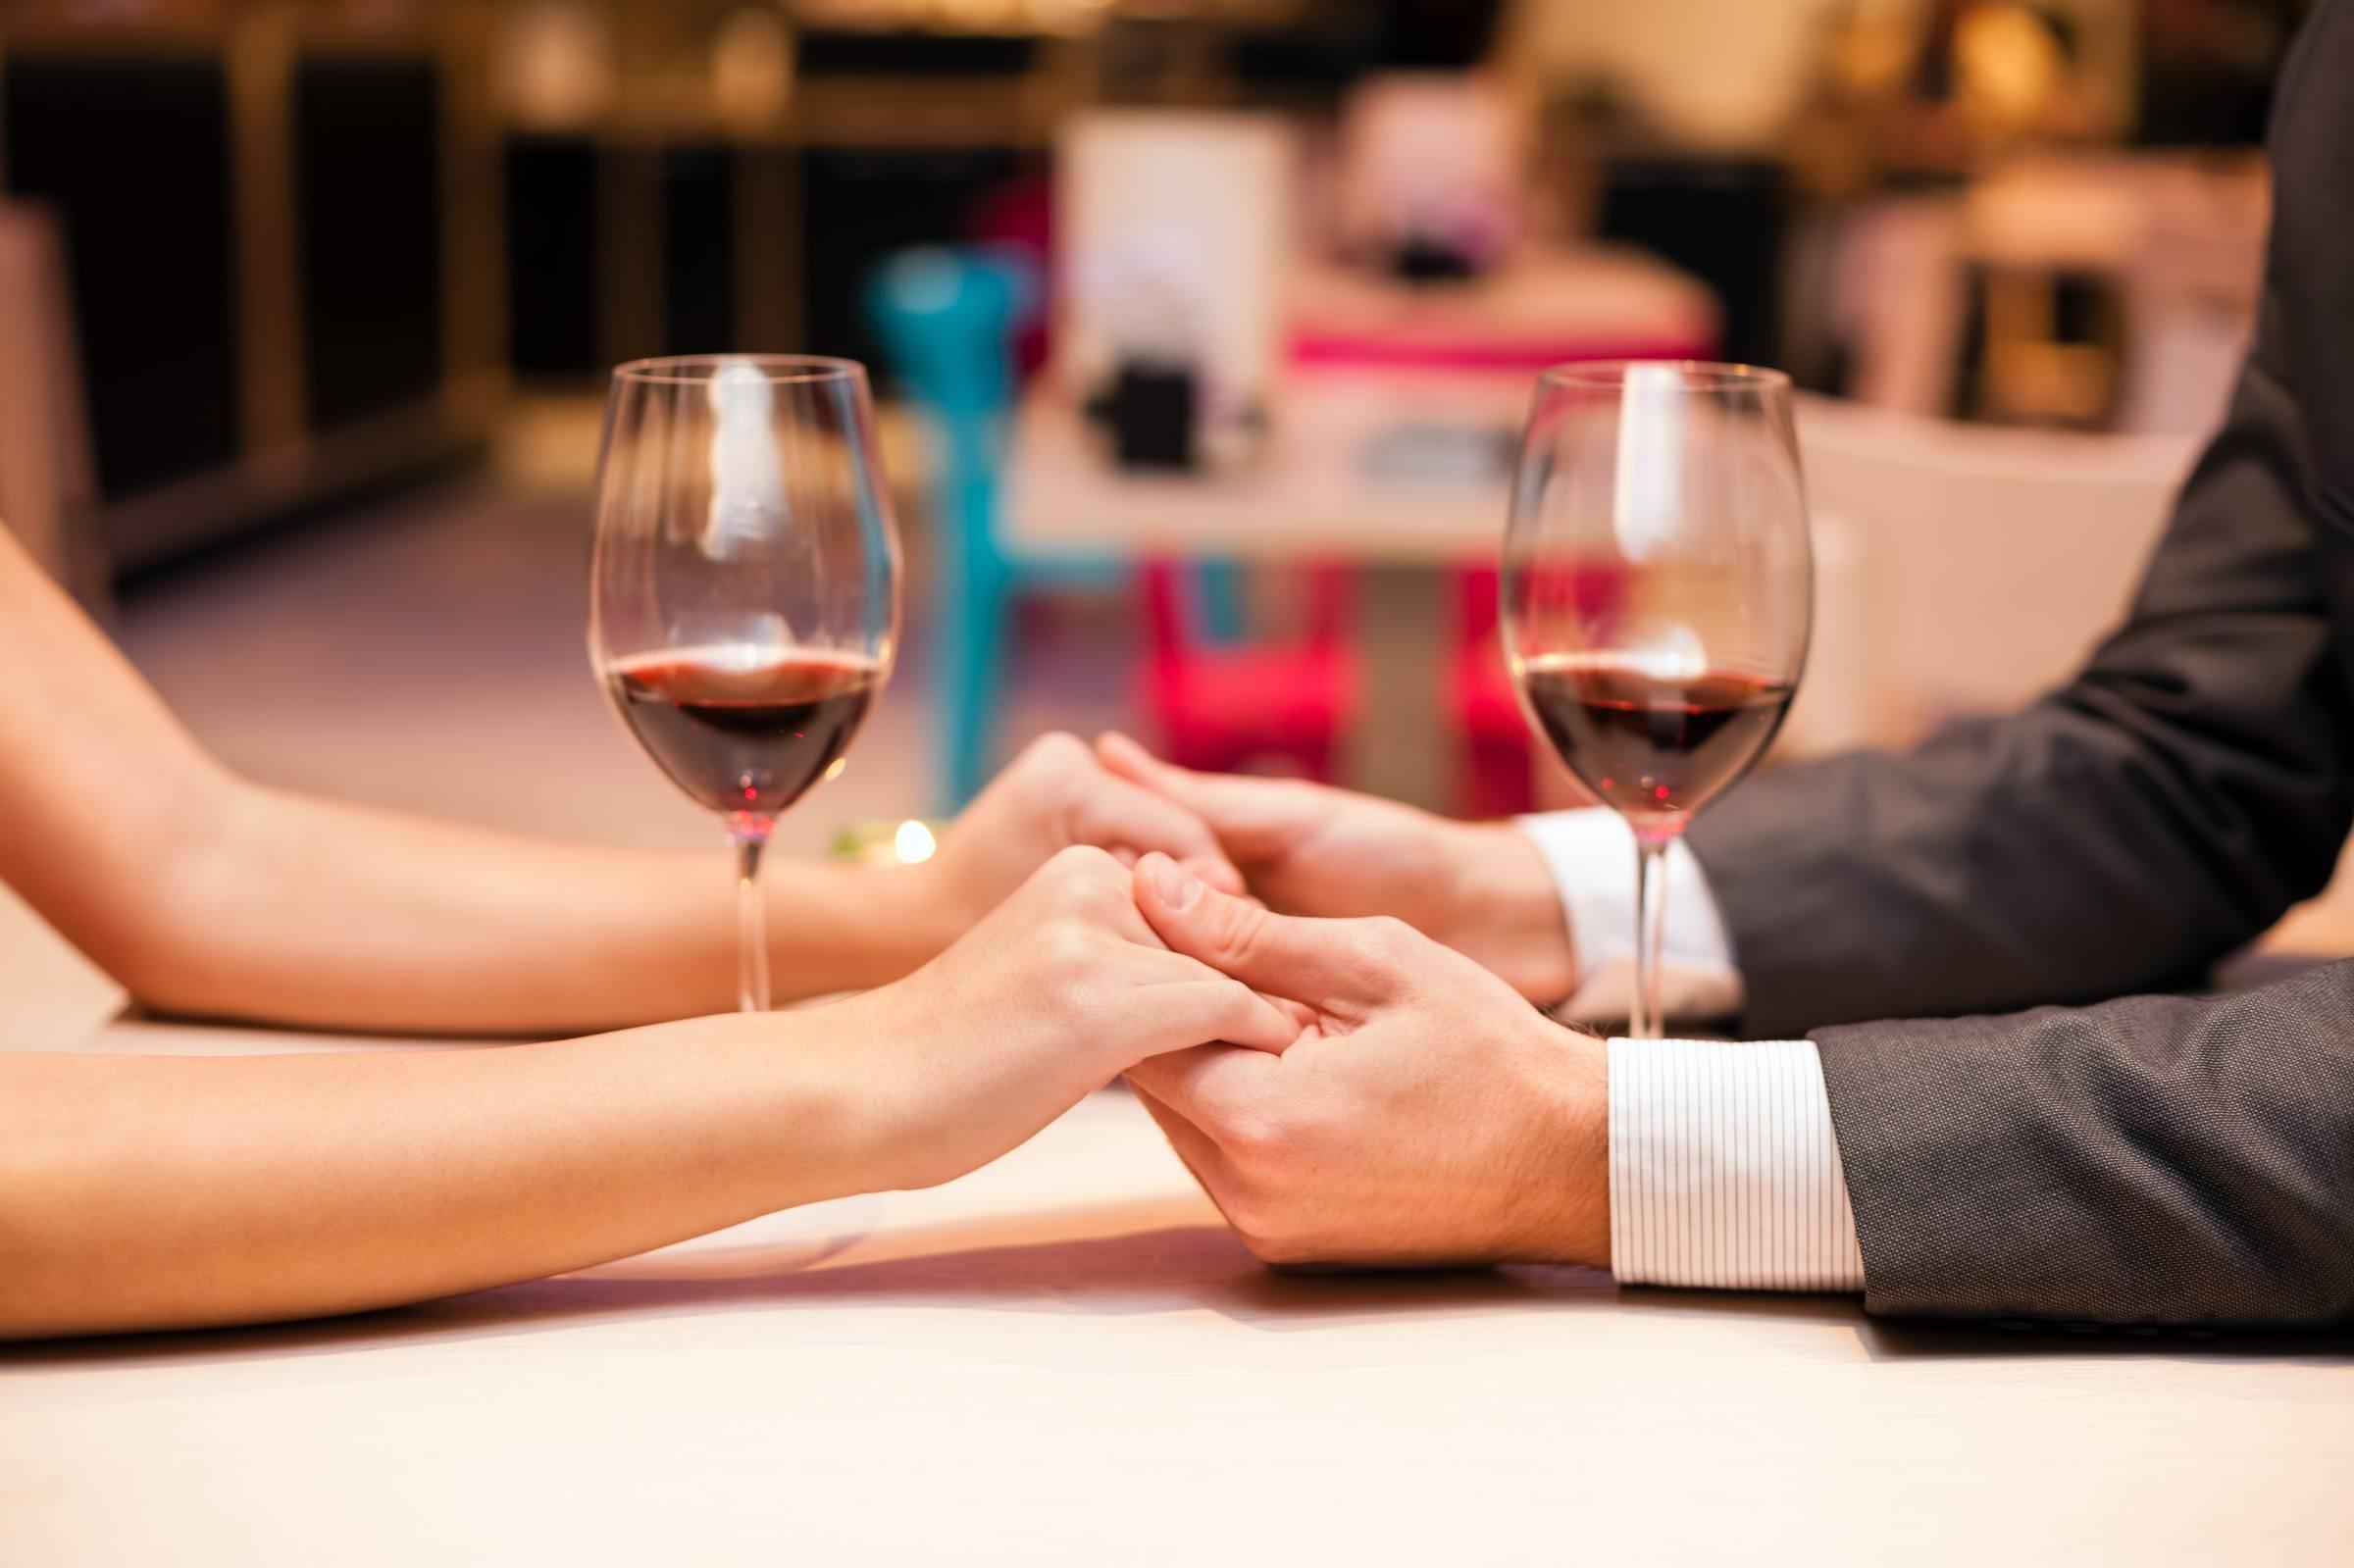 Week-end romantique pour la fête des amoureux.